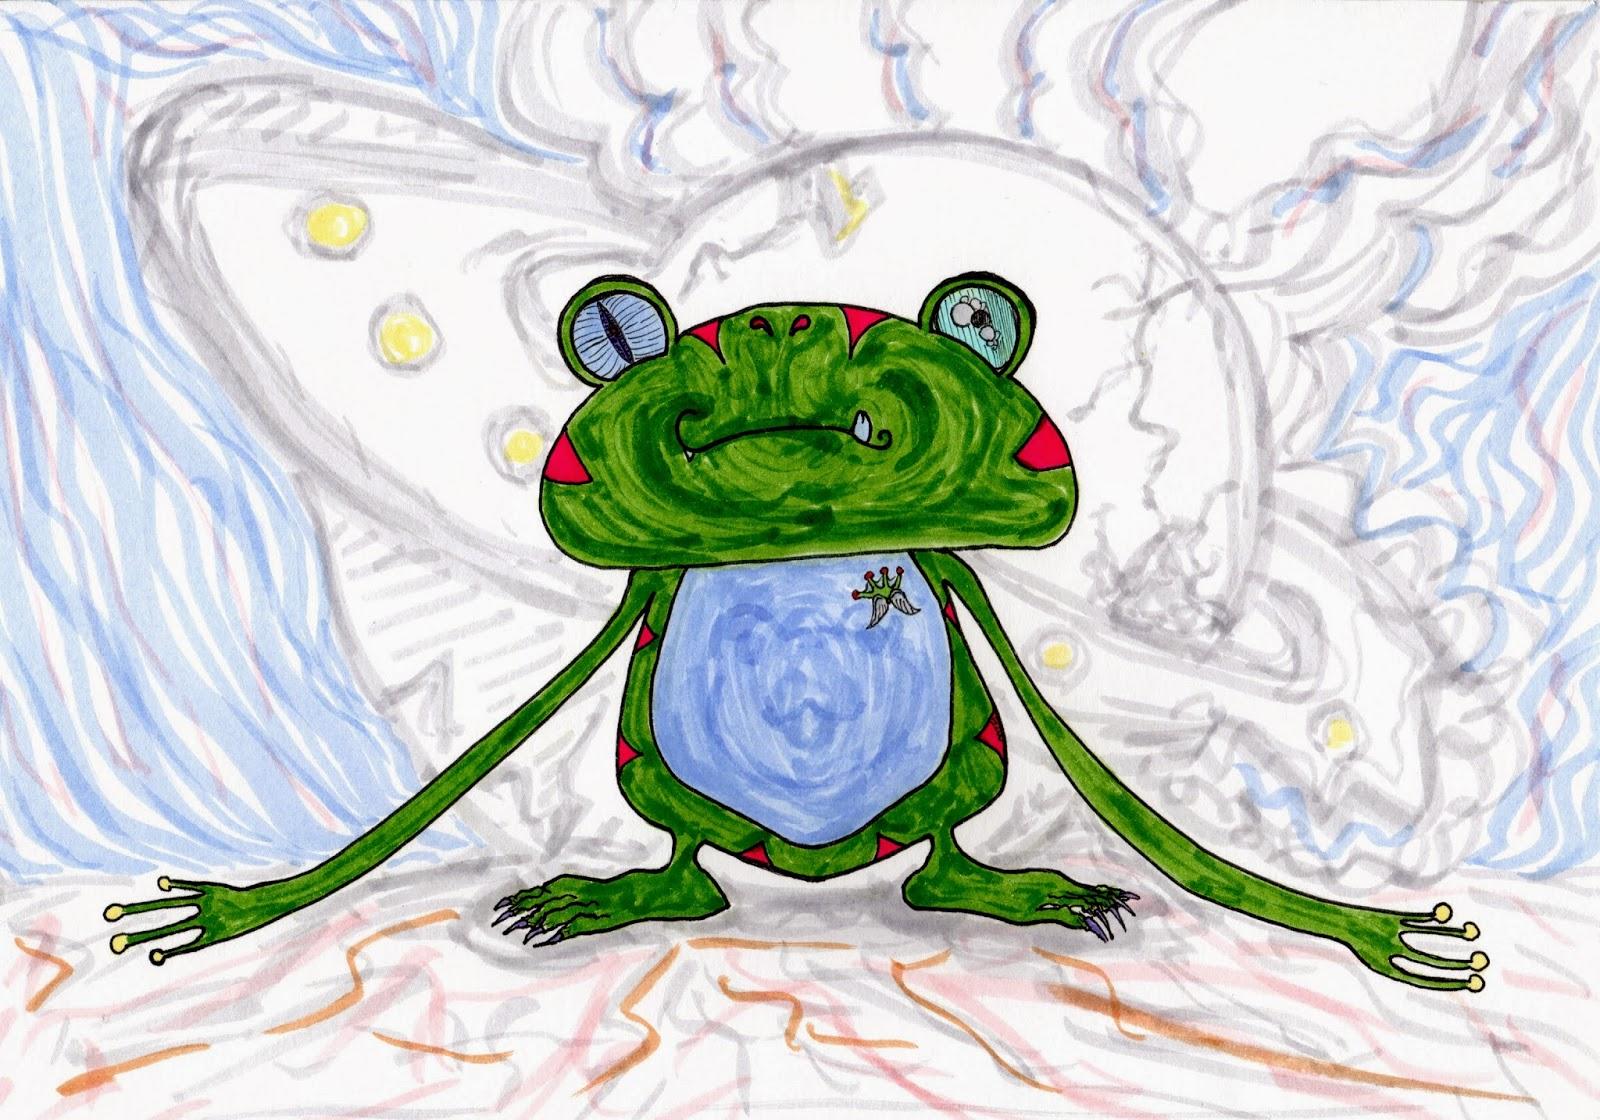 カエルのような宇宙人 / Alien frog